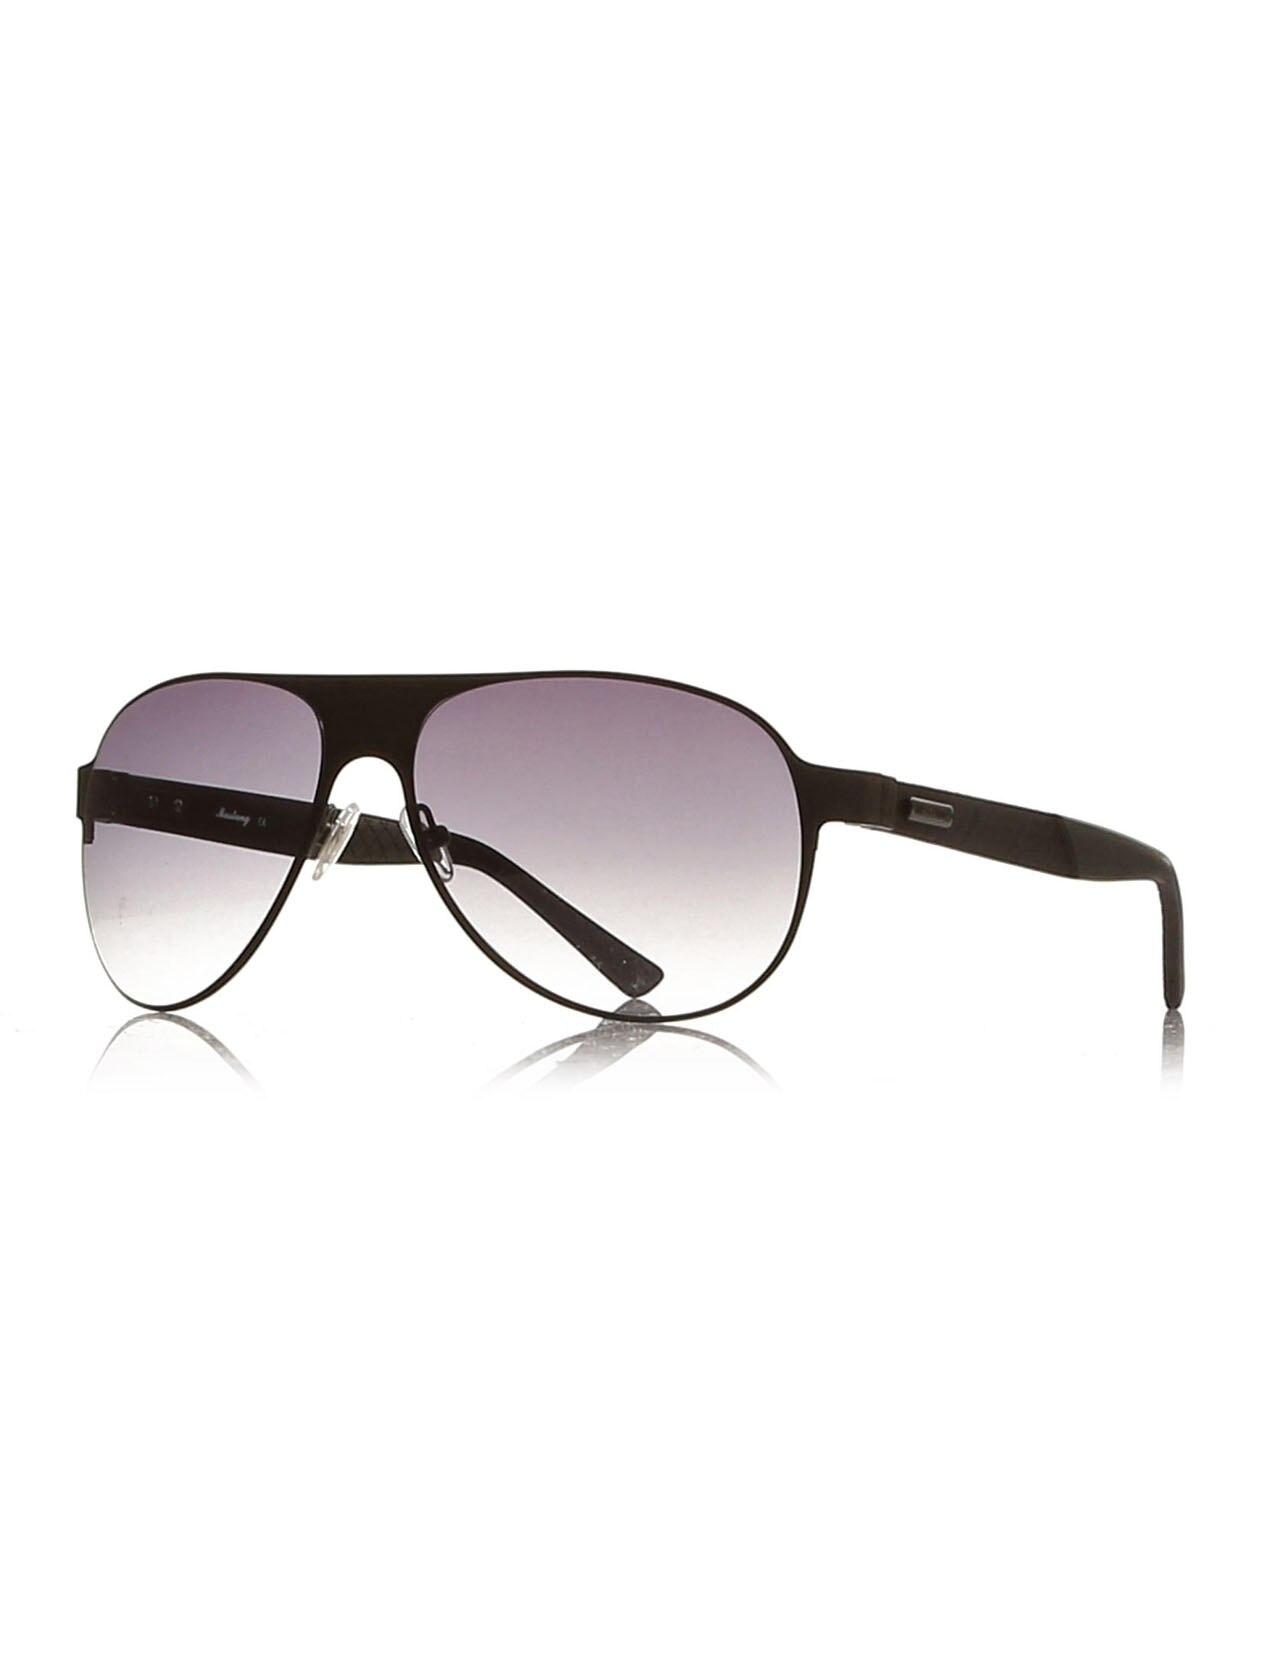 Men's sunglasses mu 1461 02 ultem metallic organic drop pilot 60-15-140 mustang